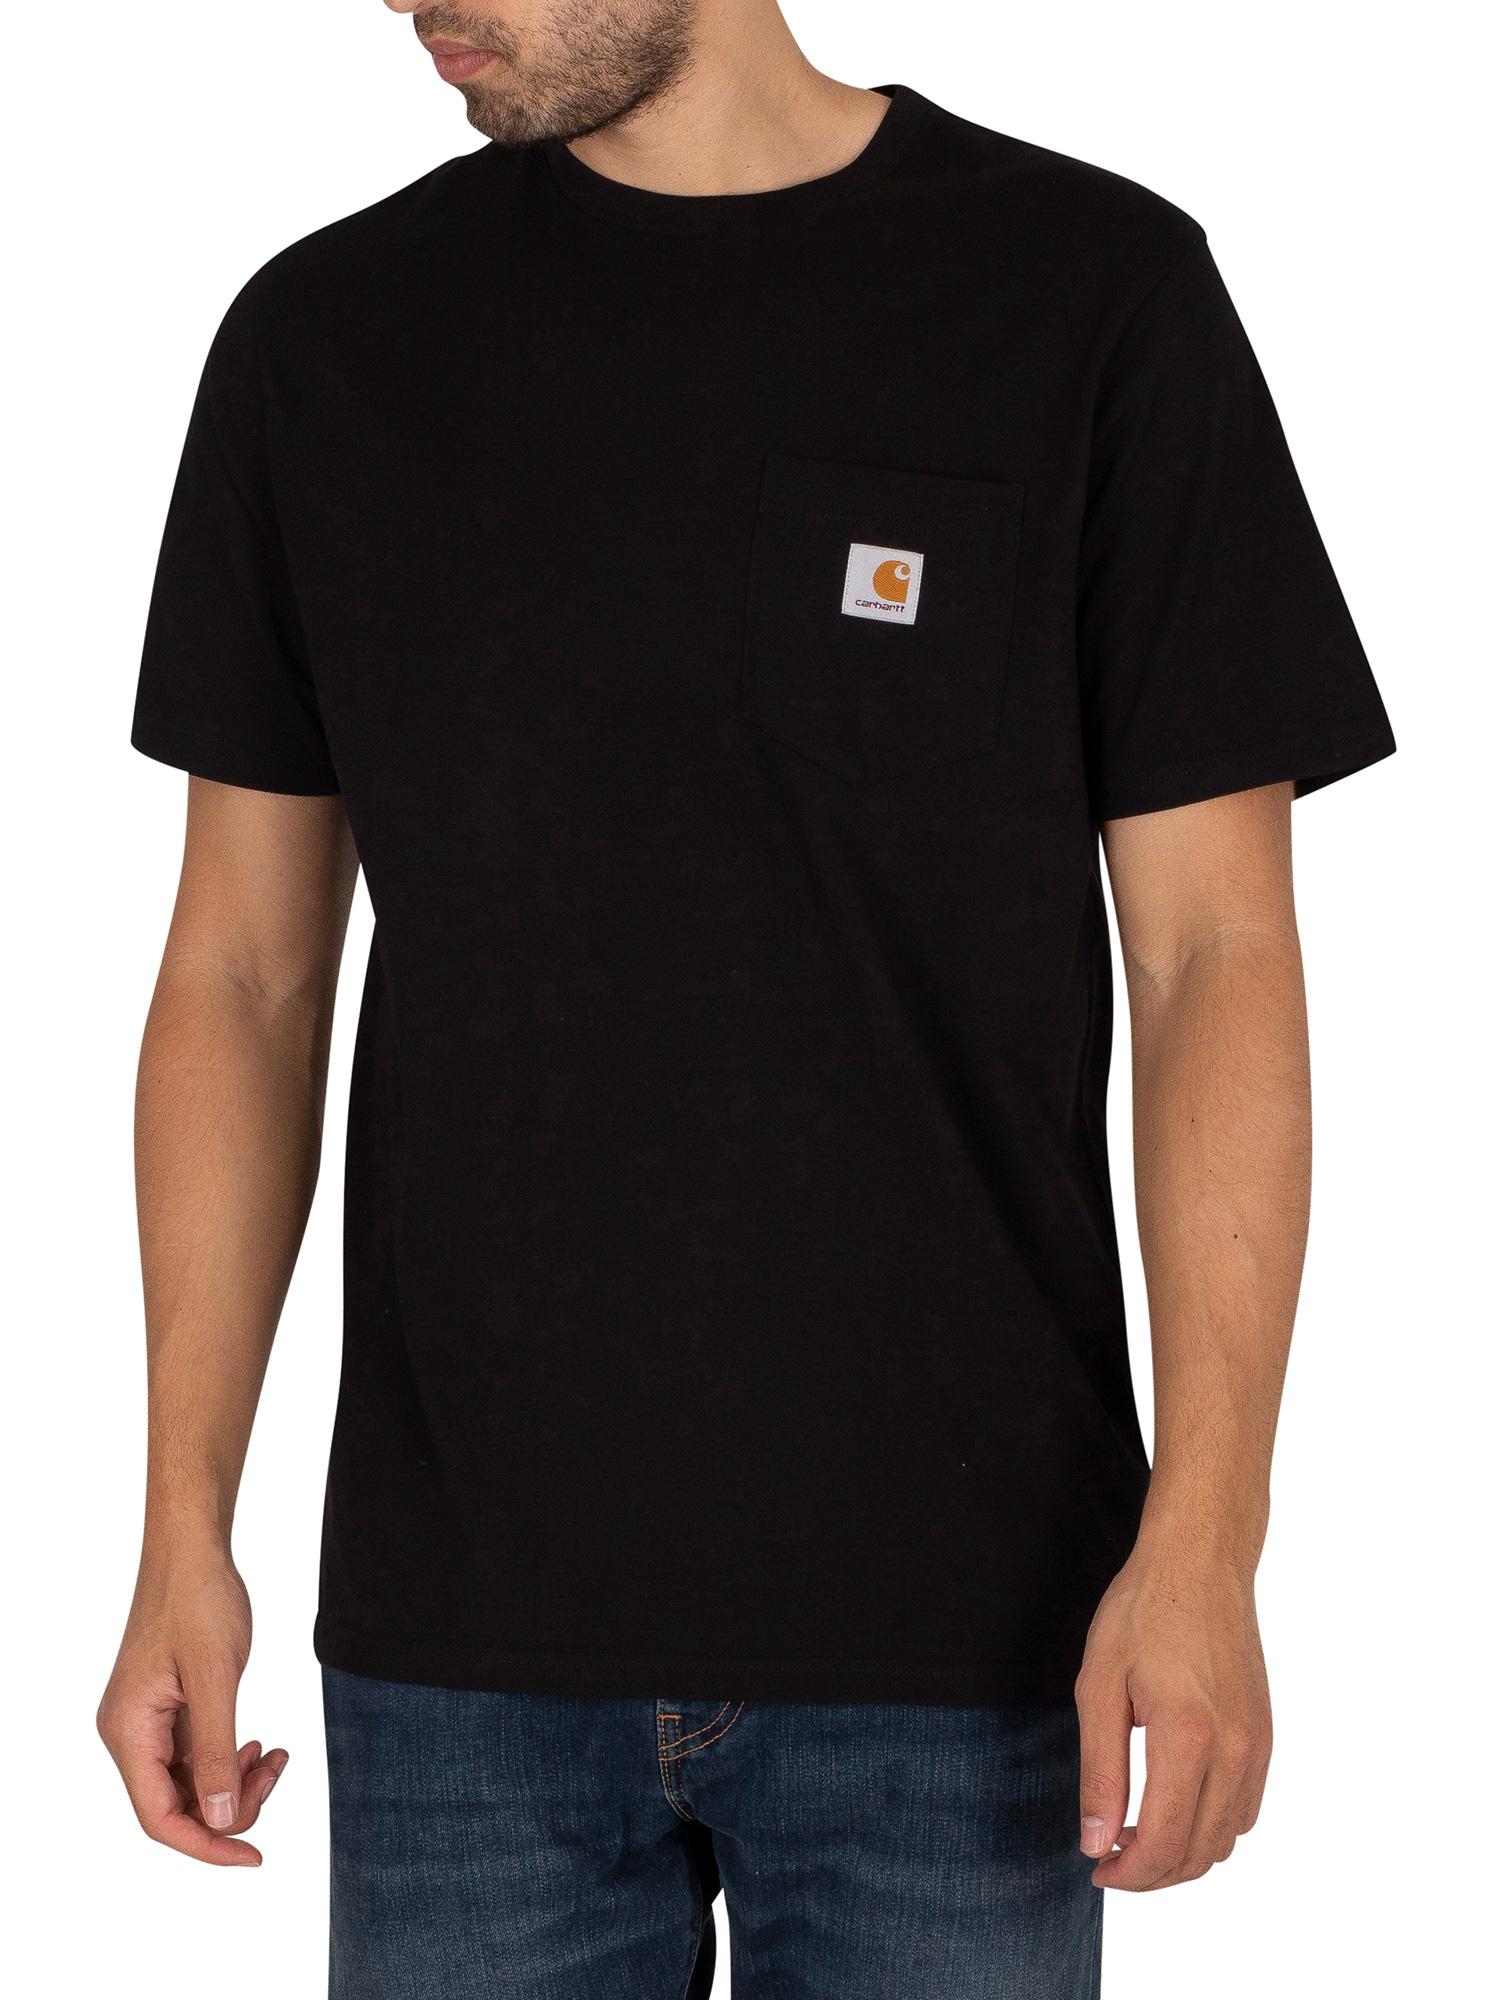 Pocket-TShirt